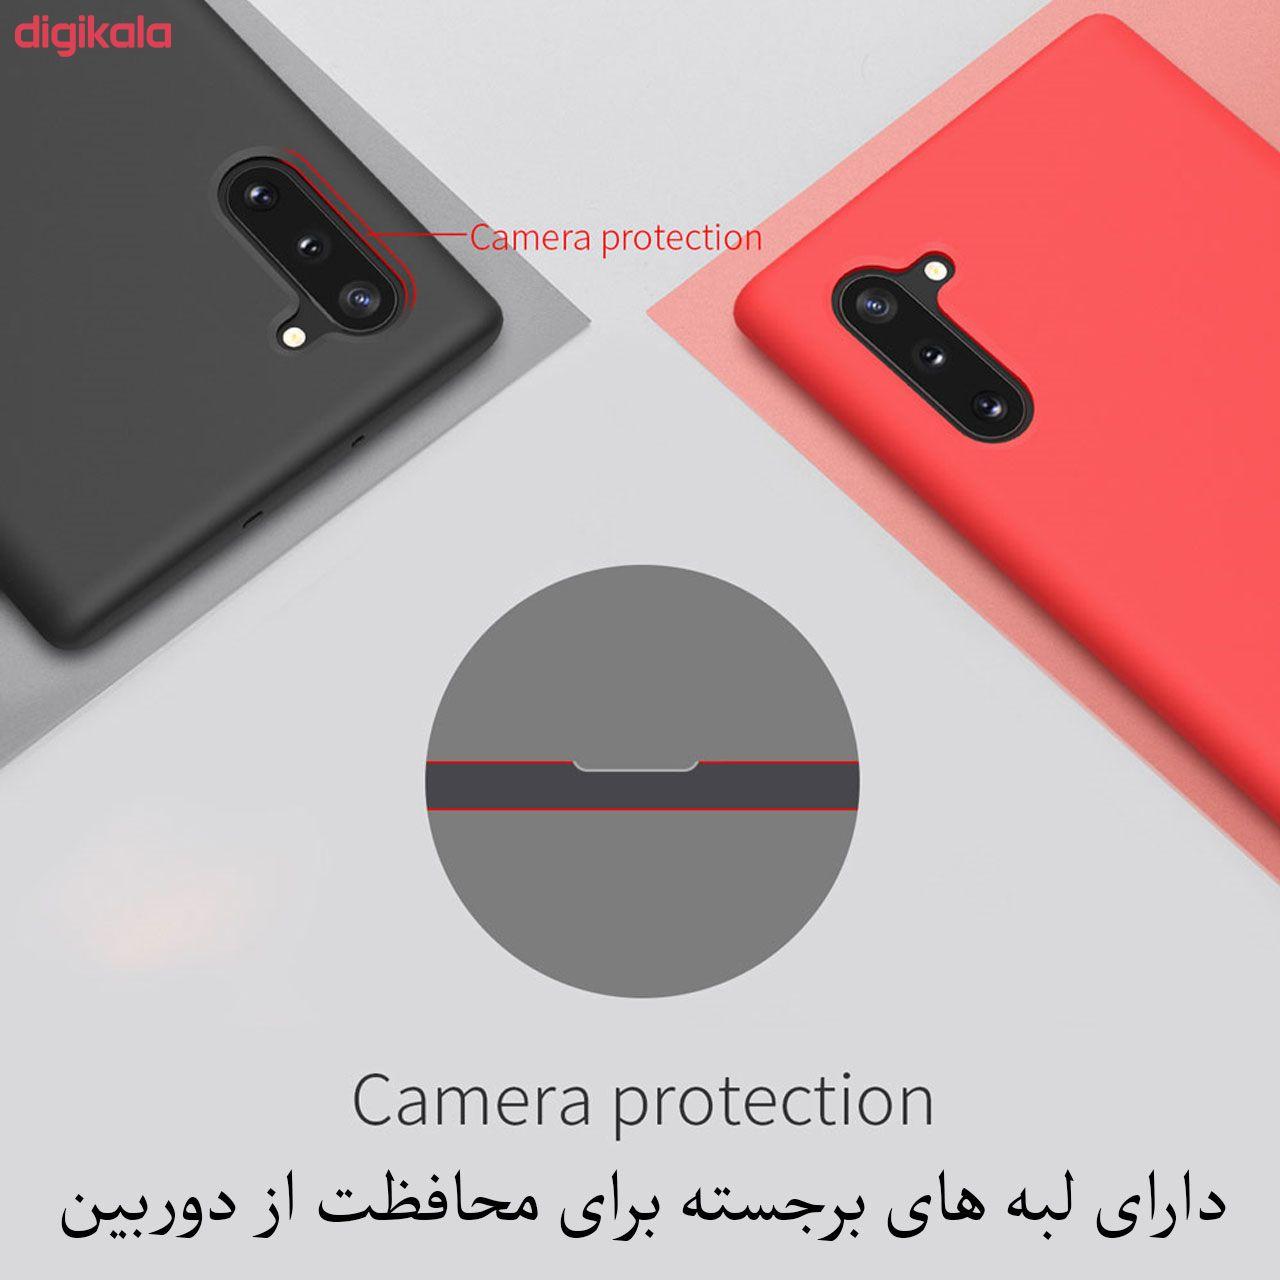 کاور مدل SLCN مناسب برای گوشی موبایل سامسونگ Galaxy A11 main 1 8